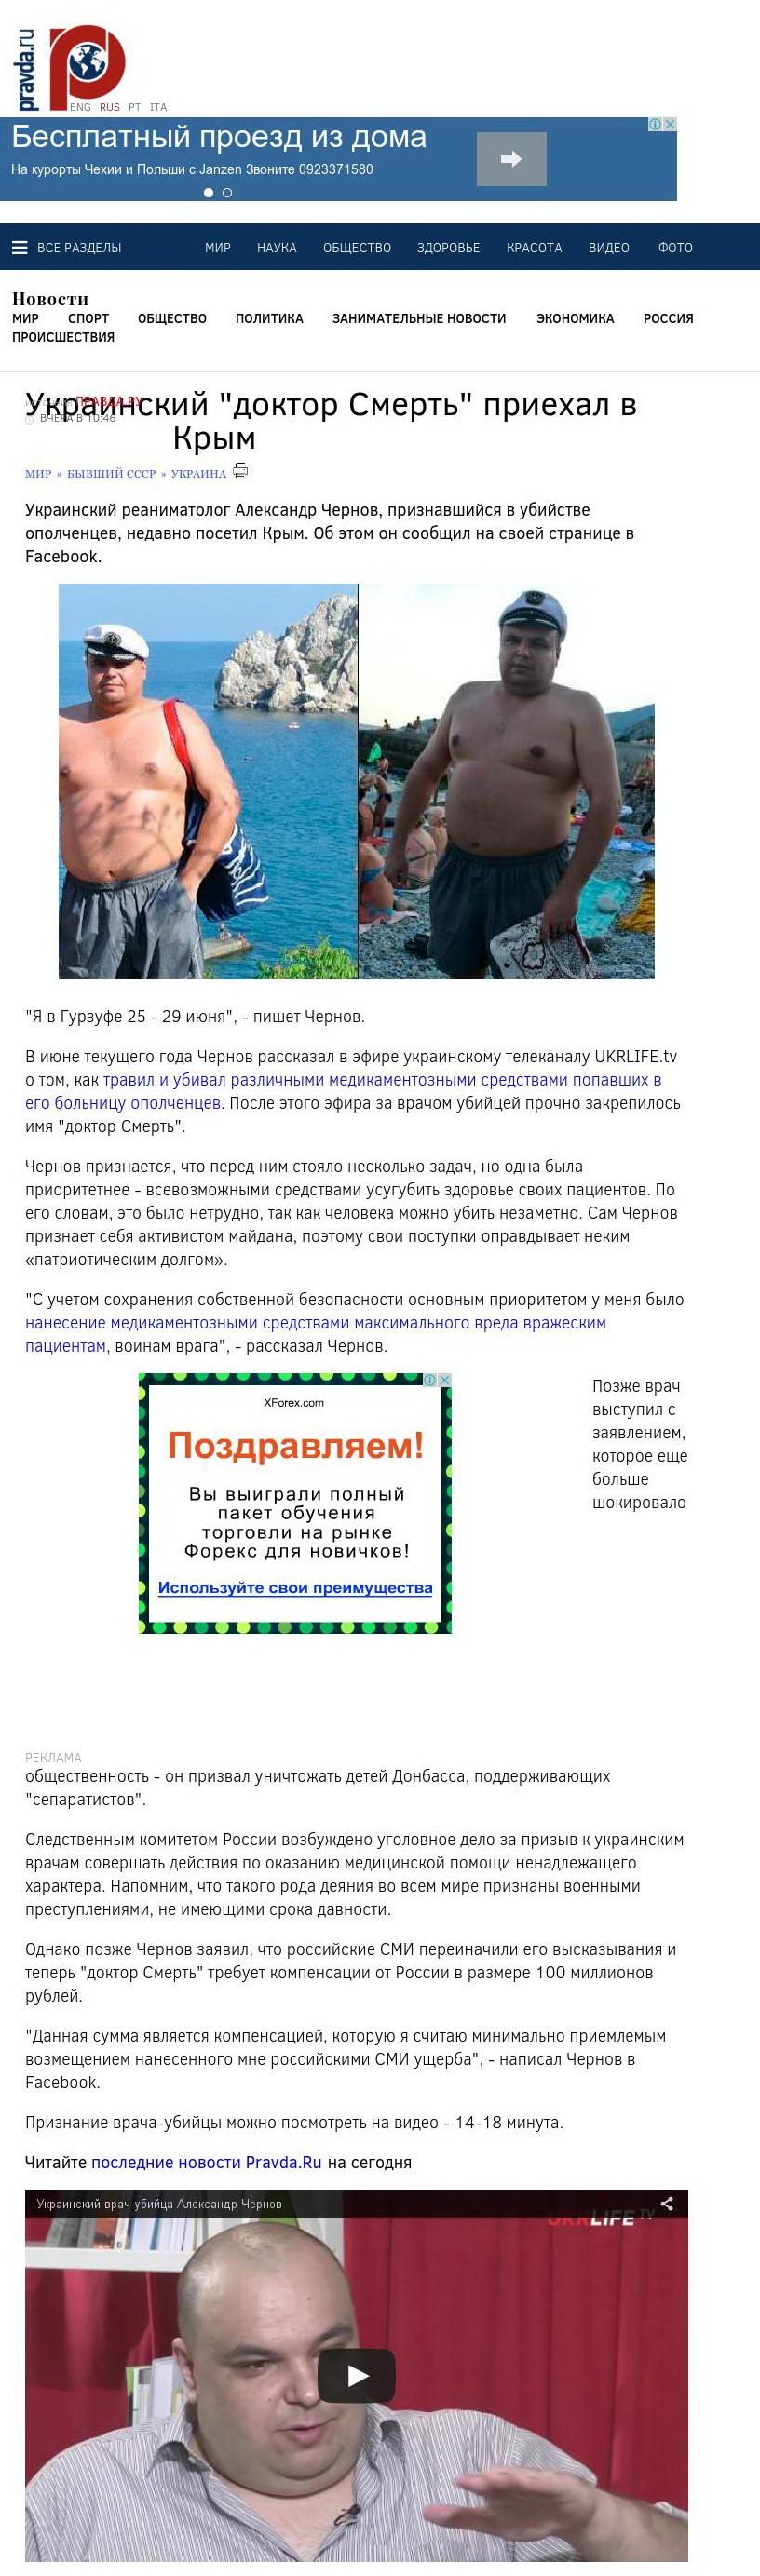 Александр Чернов - УКРОАМЕРИКАНСКИЙ МЕНГЕЛЕ посетил Крым.